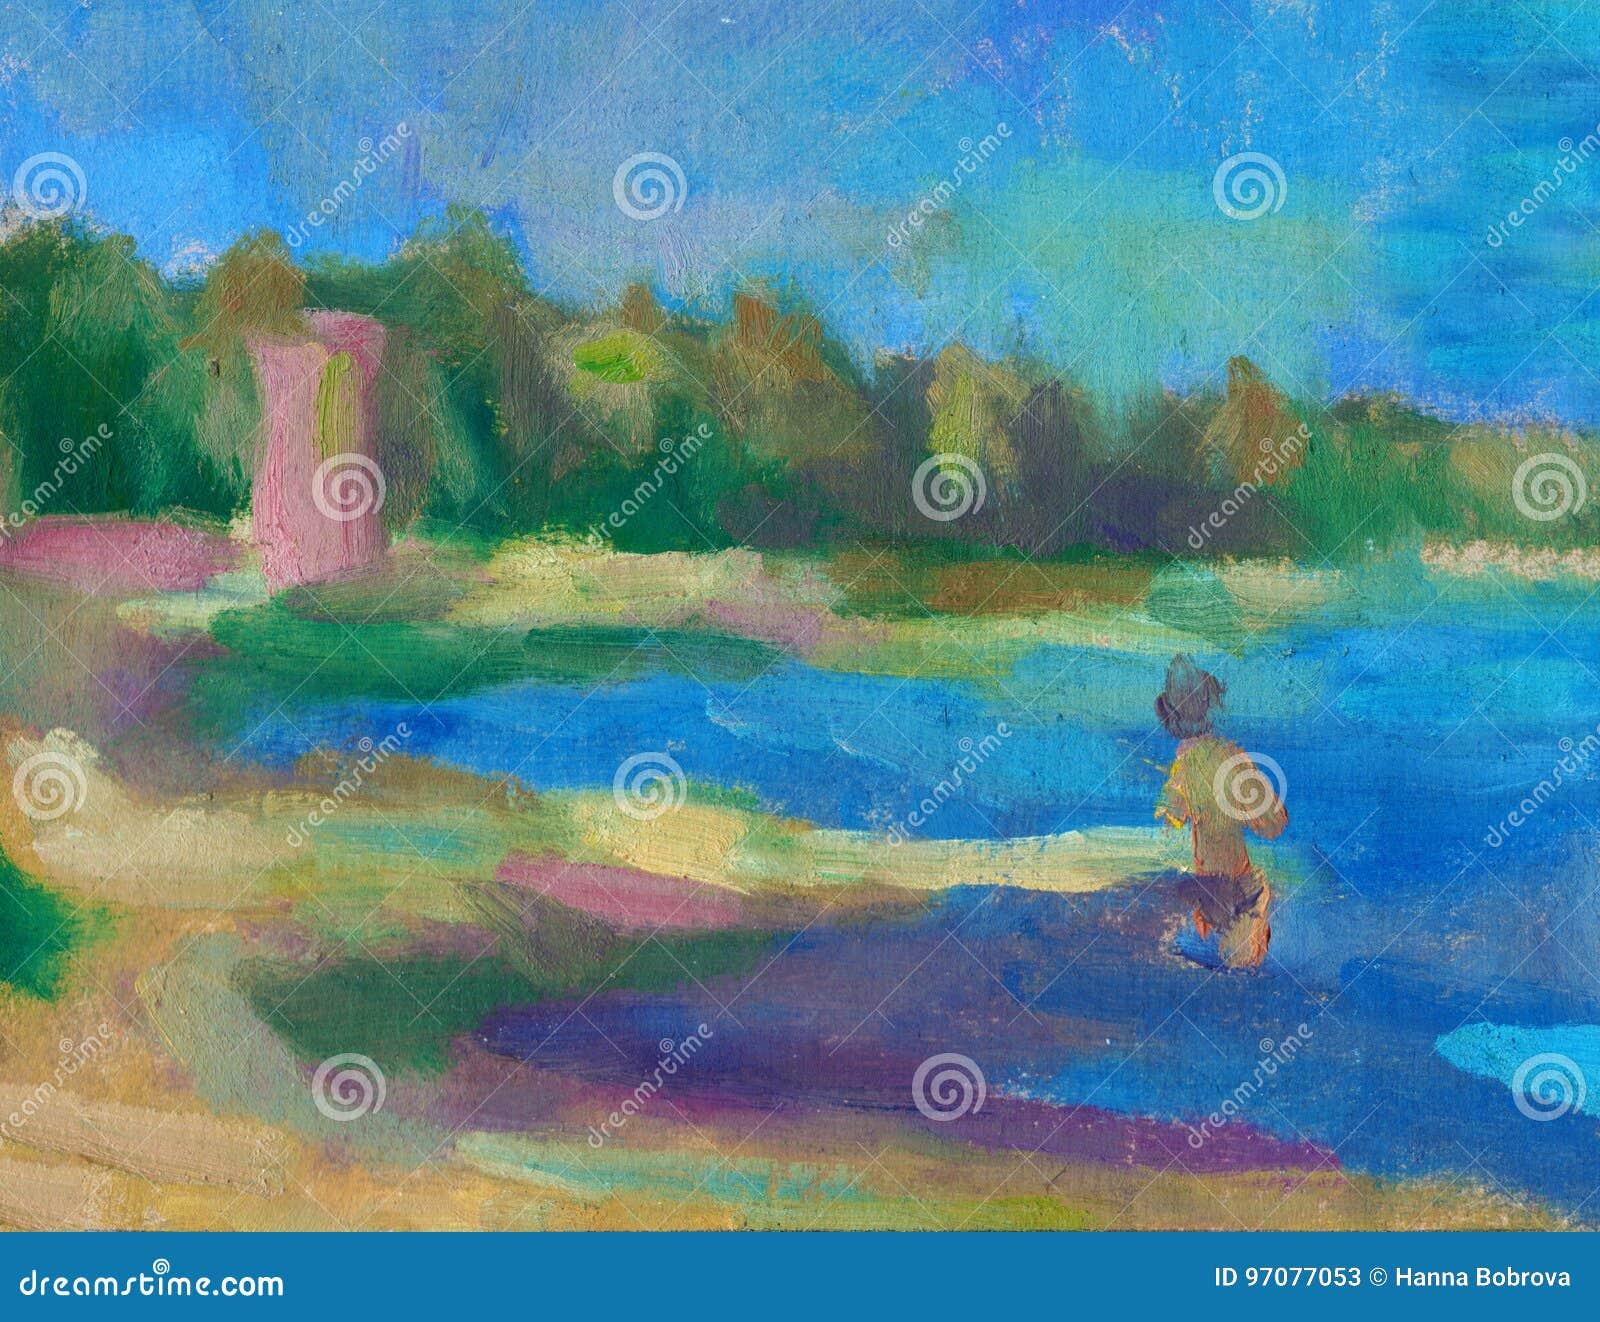 Fondo abstracto del paisaje de la pintura al leo pintura - Pintura al aceite ...